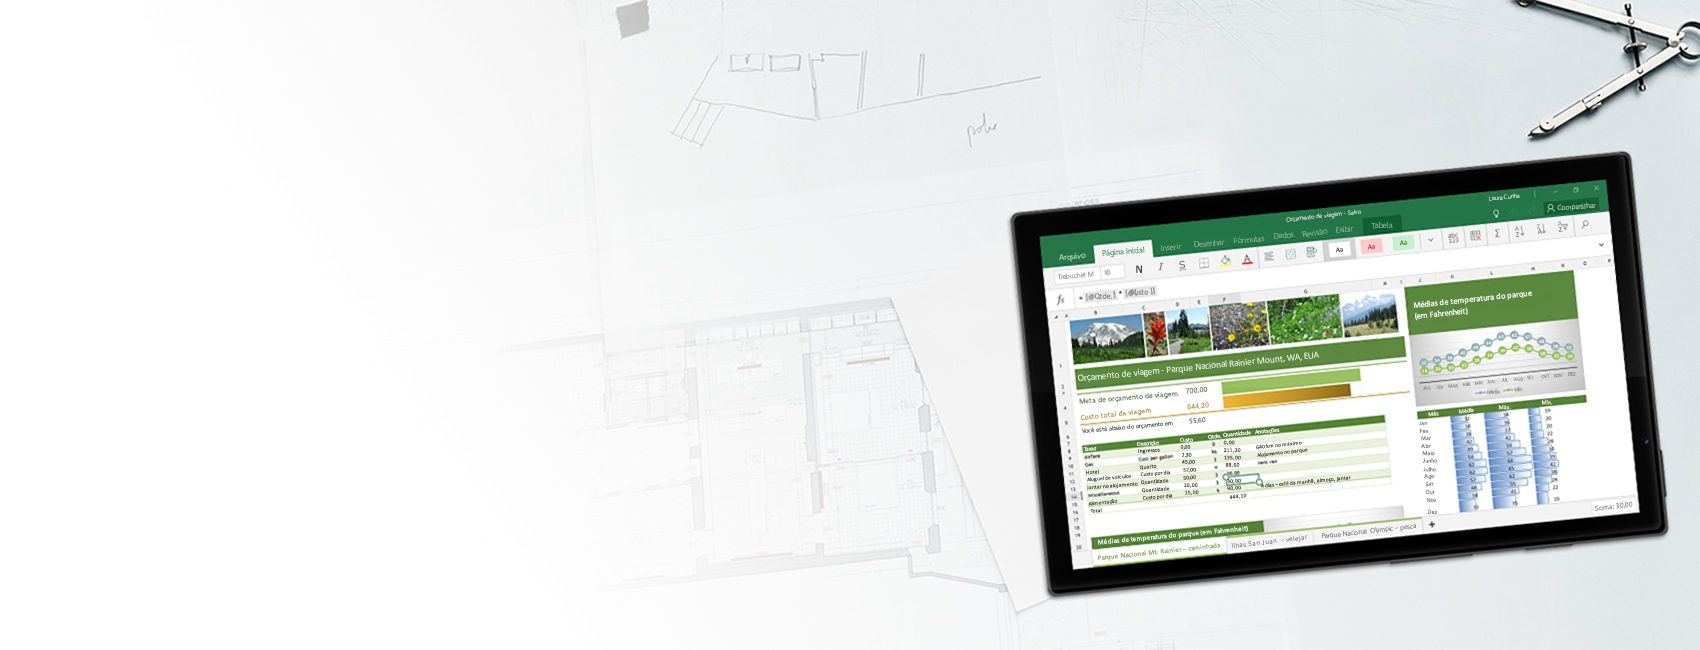 Tablet Windows mostrando uma planilha do Excel que contém um exemplo de gráfico e relatório de orçamento de viagem no Excel para Windows 10 Mobile